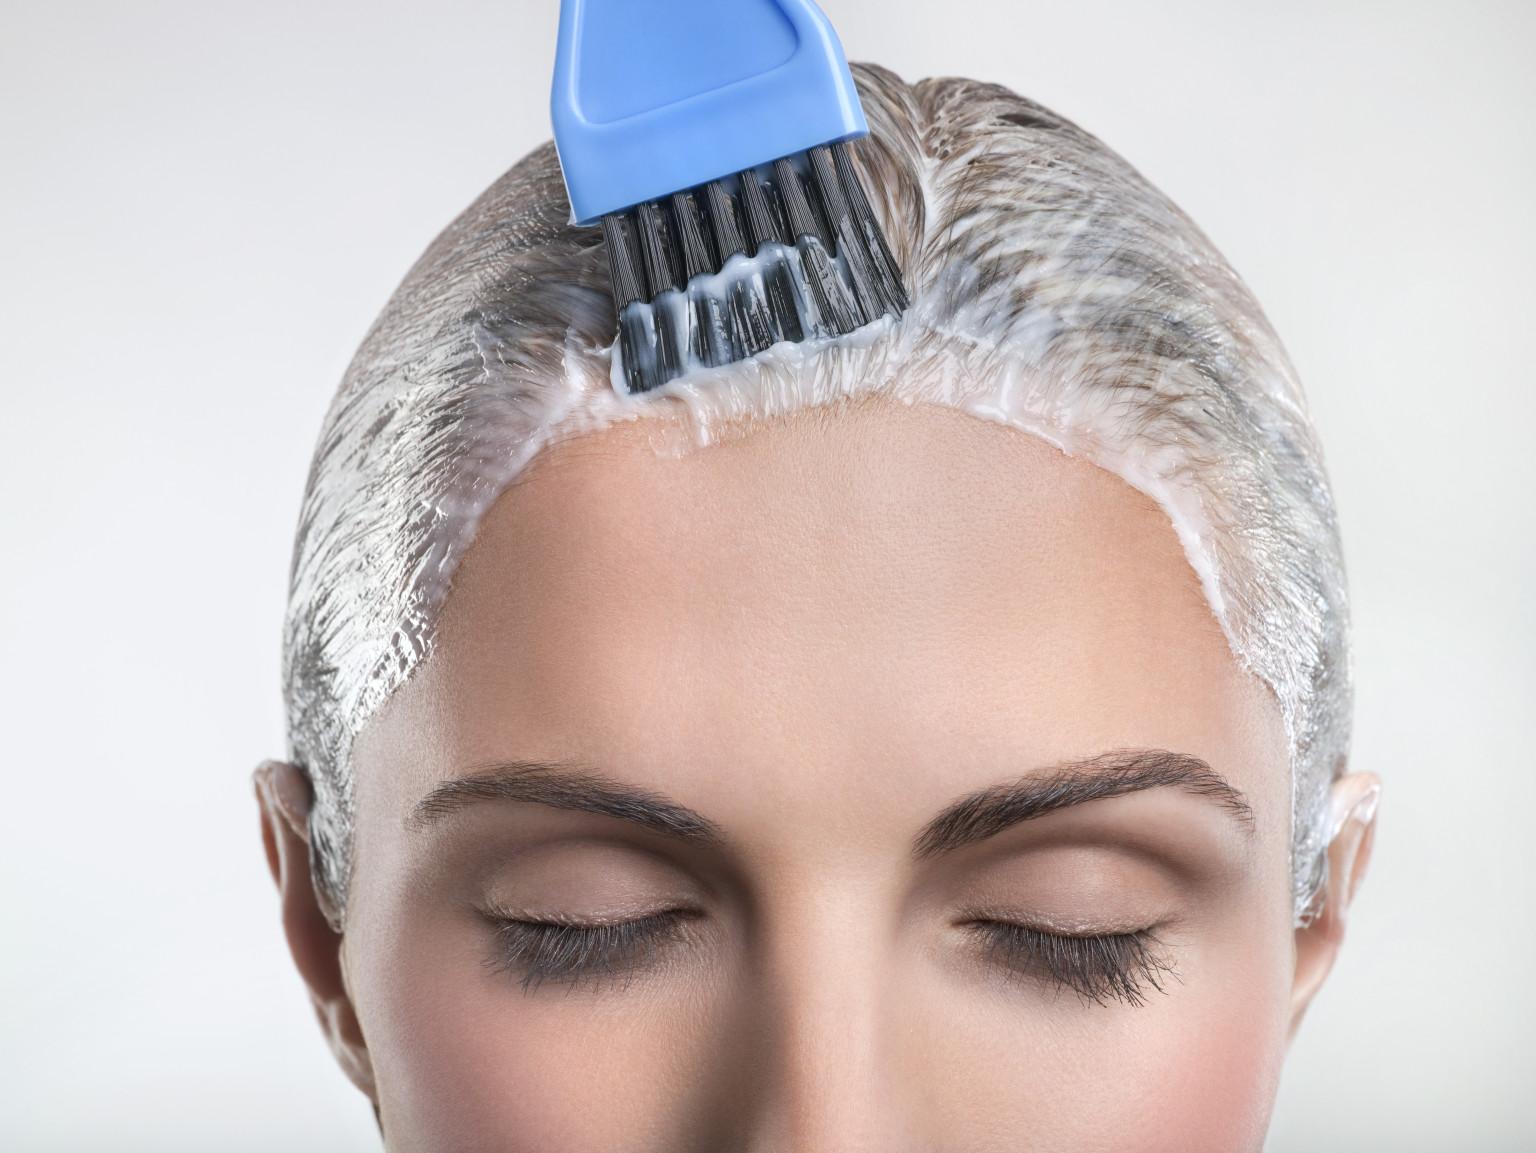 После окрашивания волос когда можно наносить маску